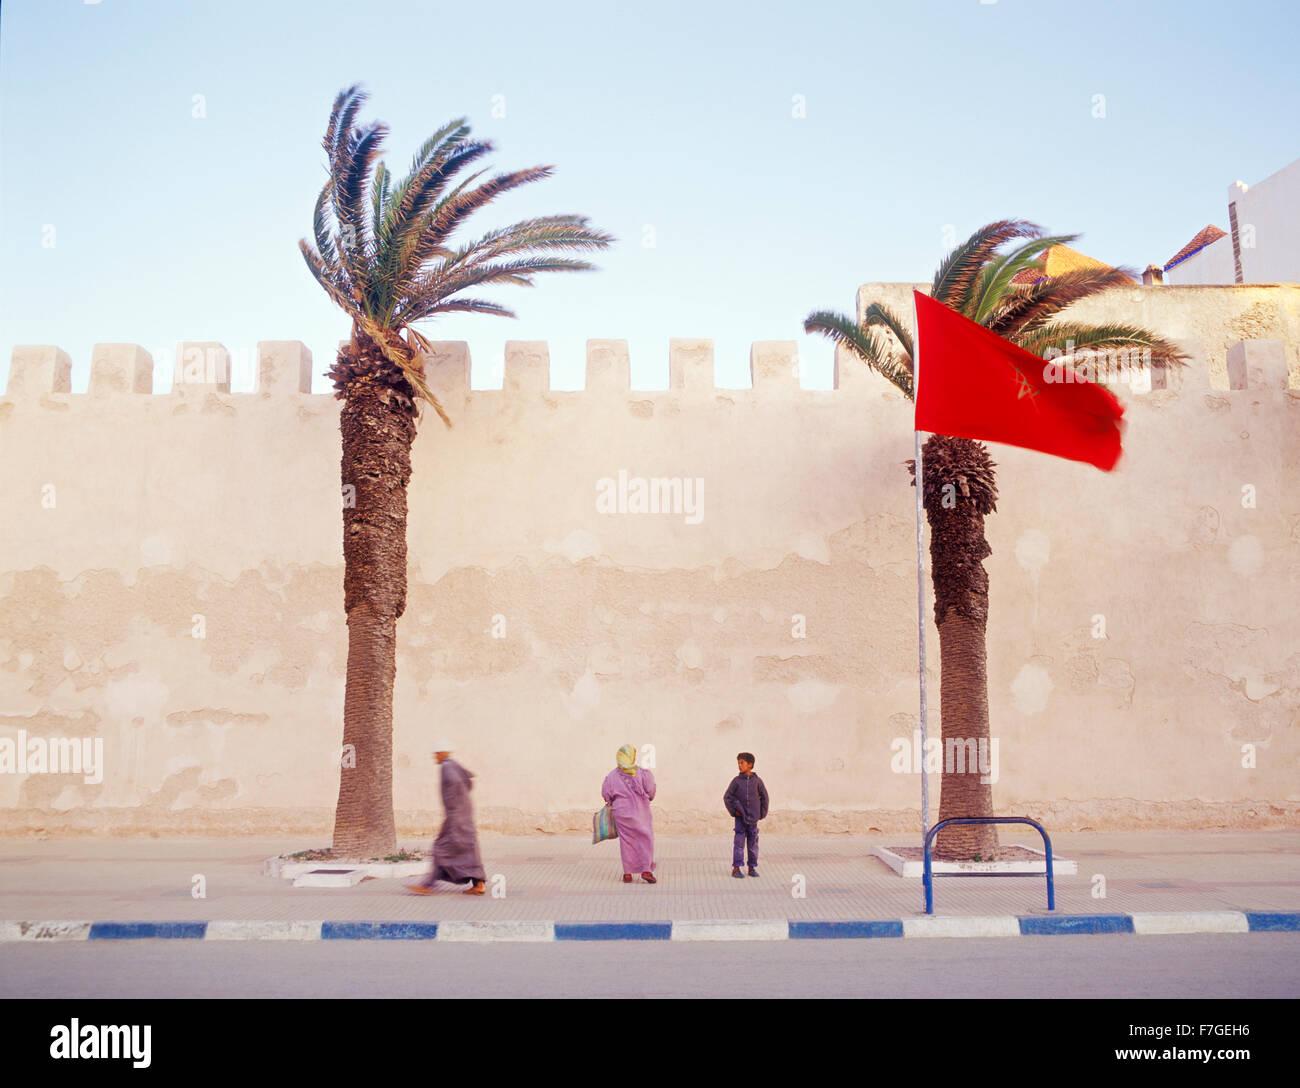 Un hombre musulmán marroquí camina enérgicamente más allá de los muros de la ciudad en Imagen De Stock